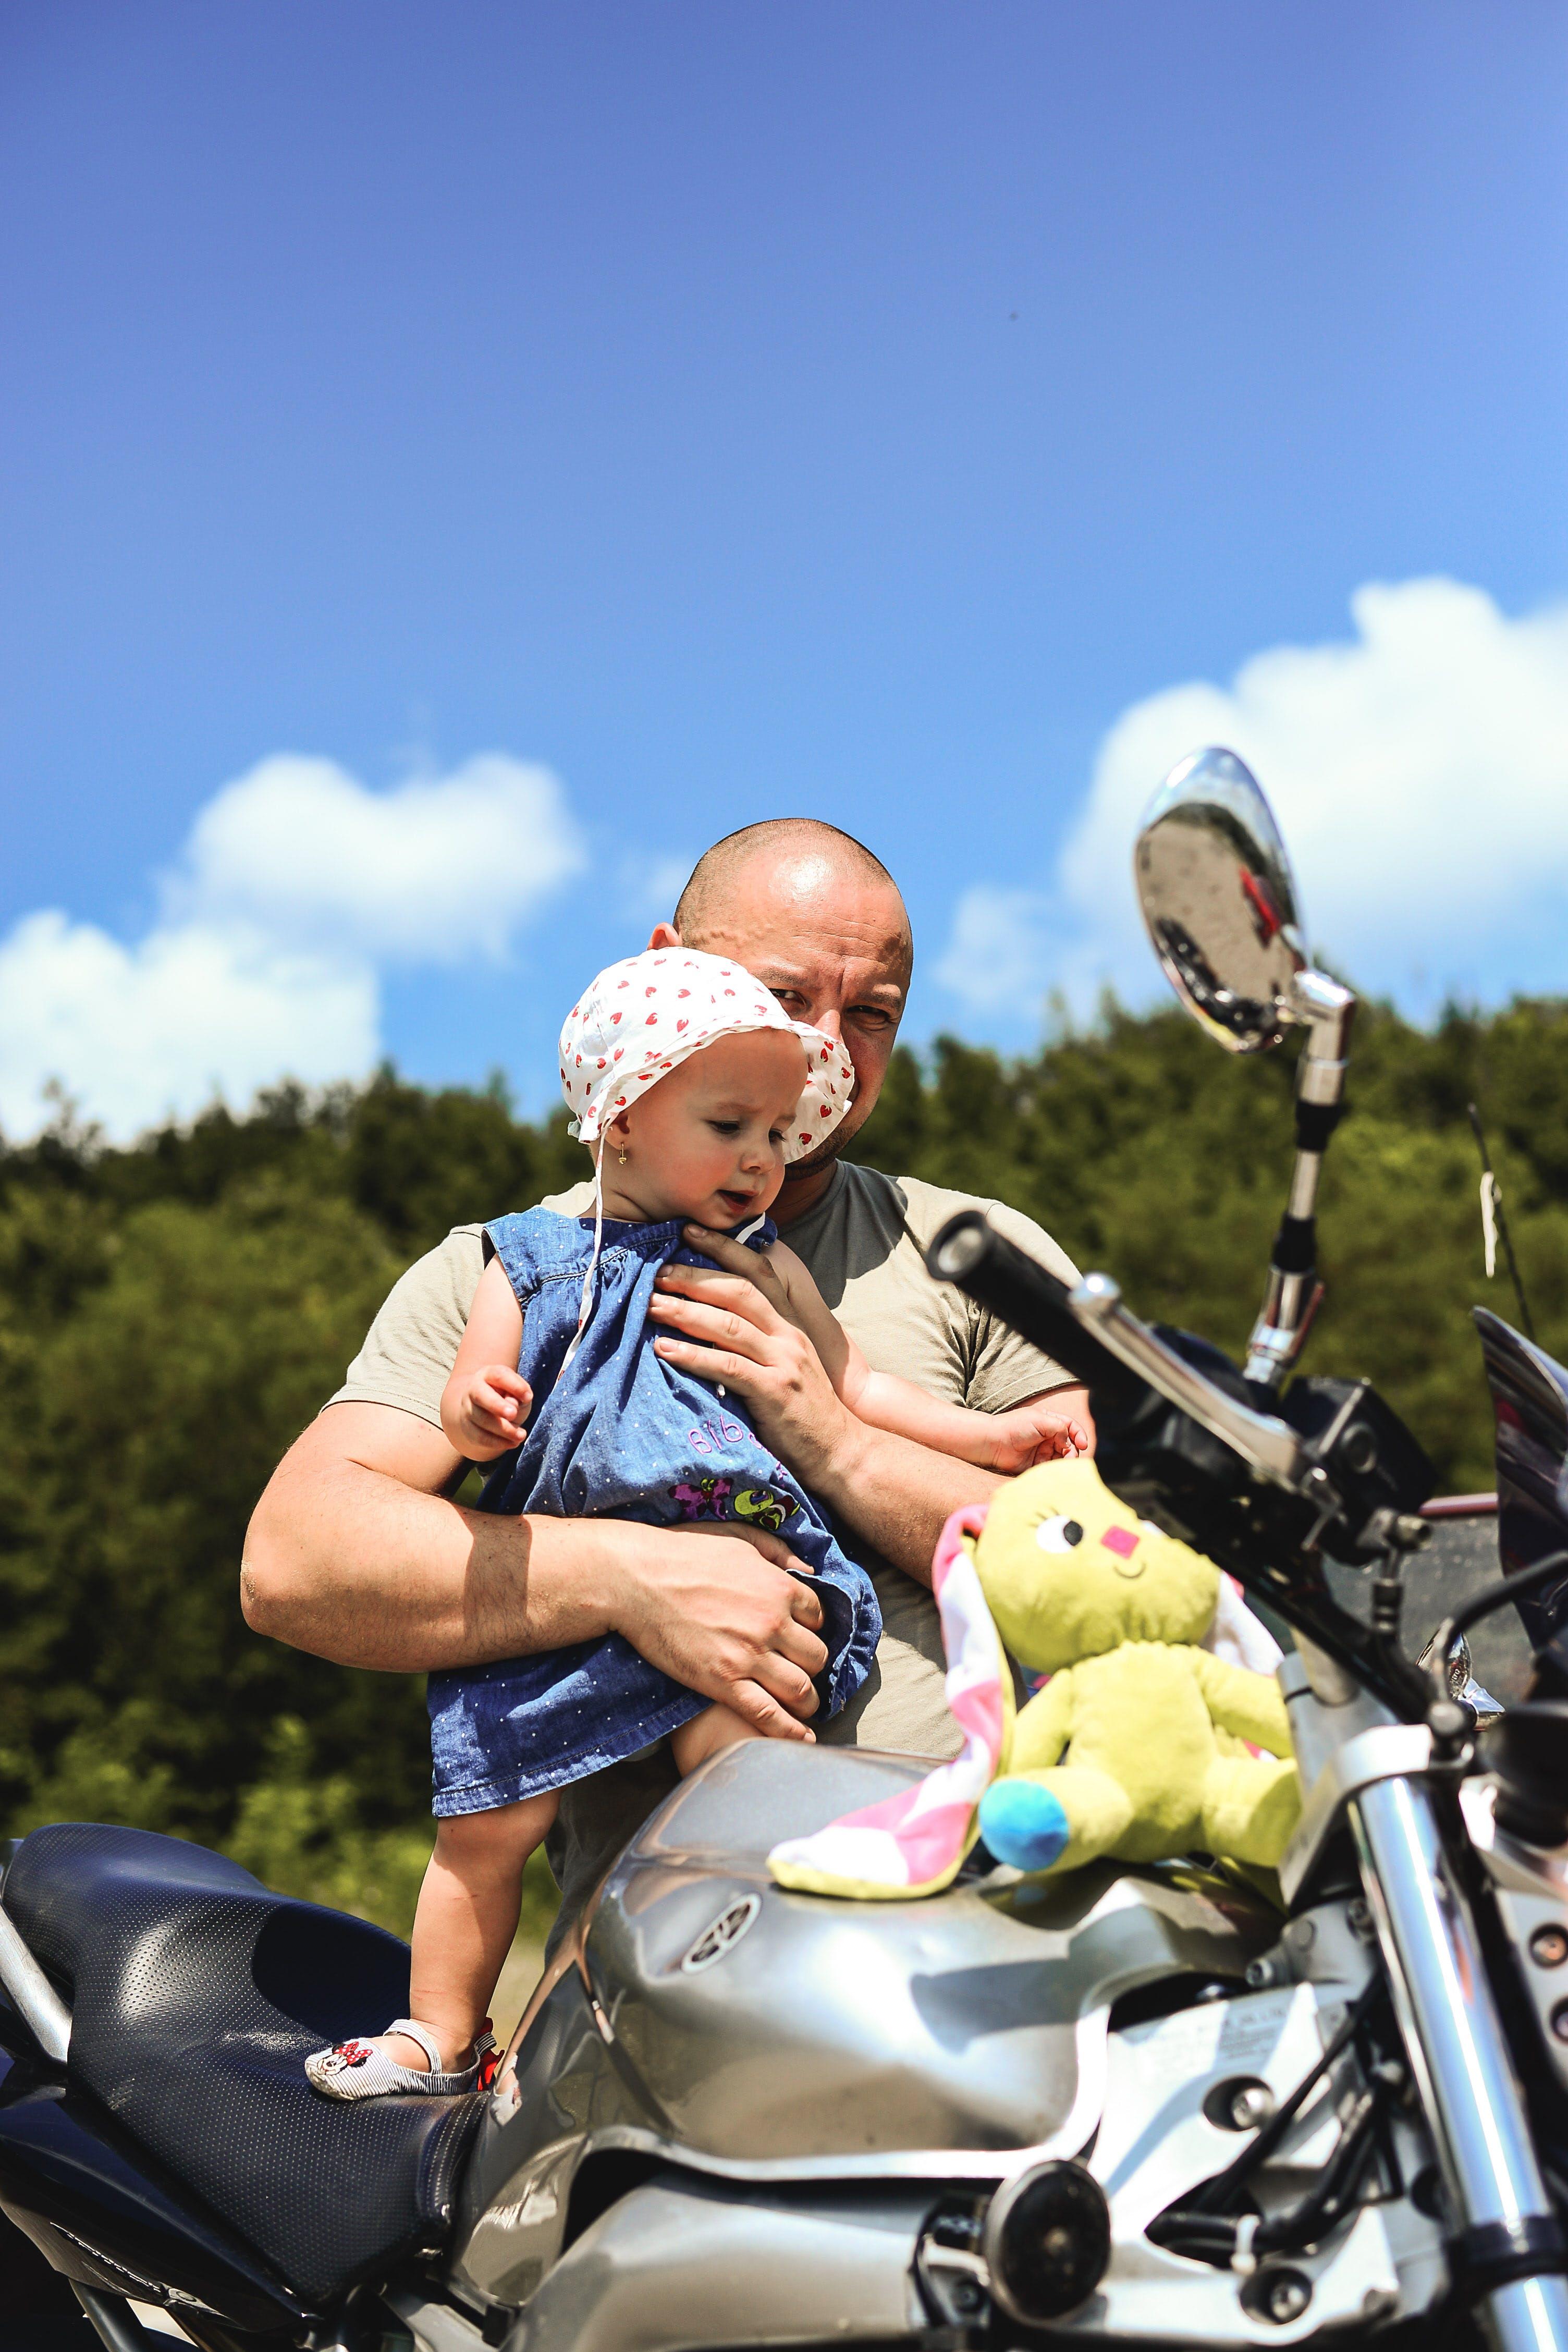 Man Holding Toddler